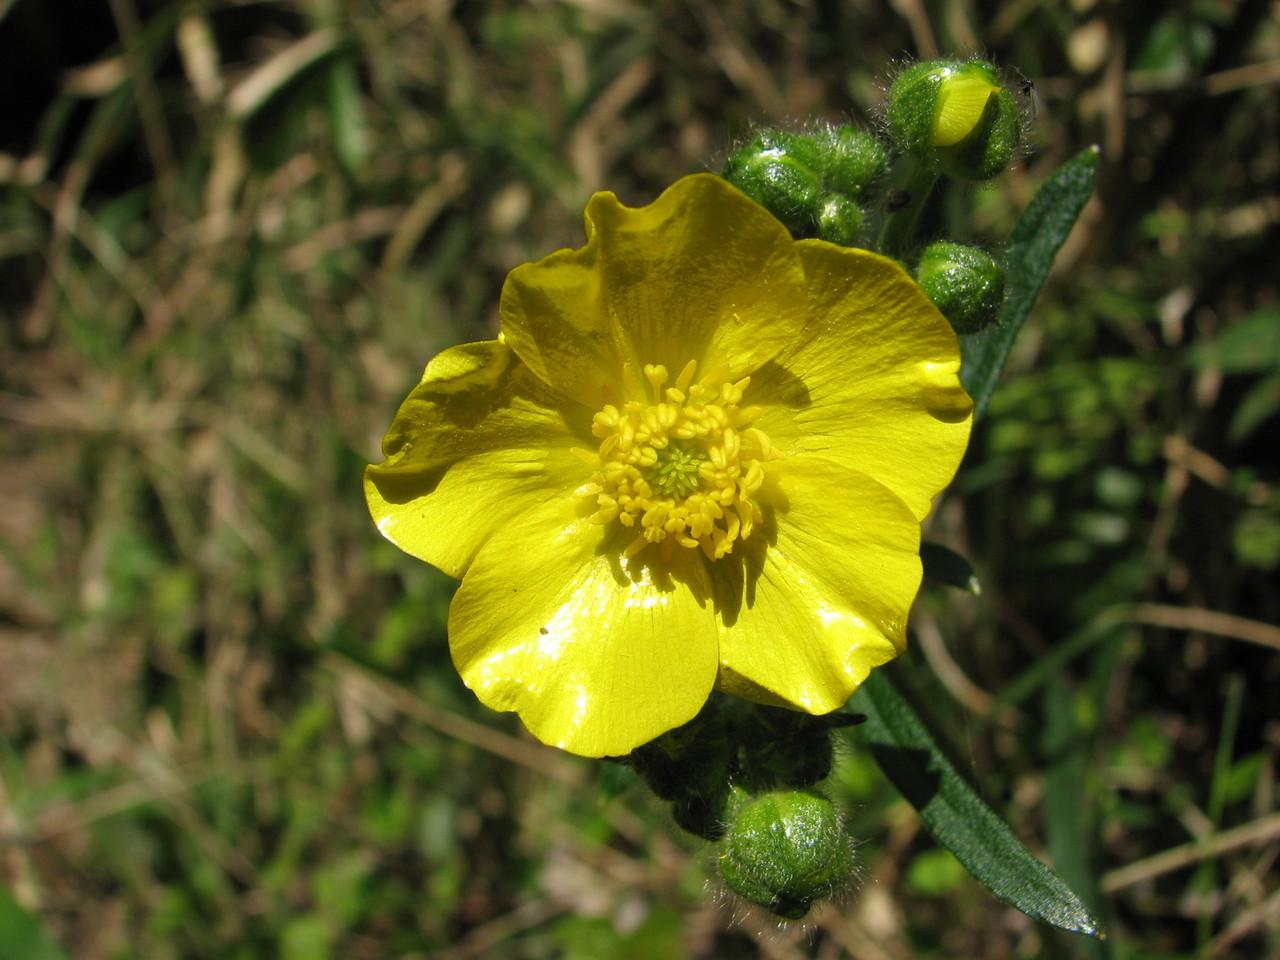 ウマノアシガタ(キンポウゲ科) Ranunculus japonicus